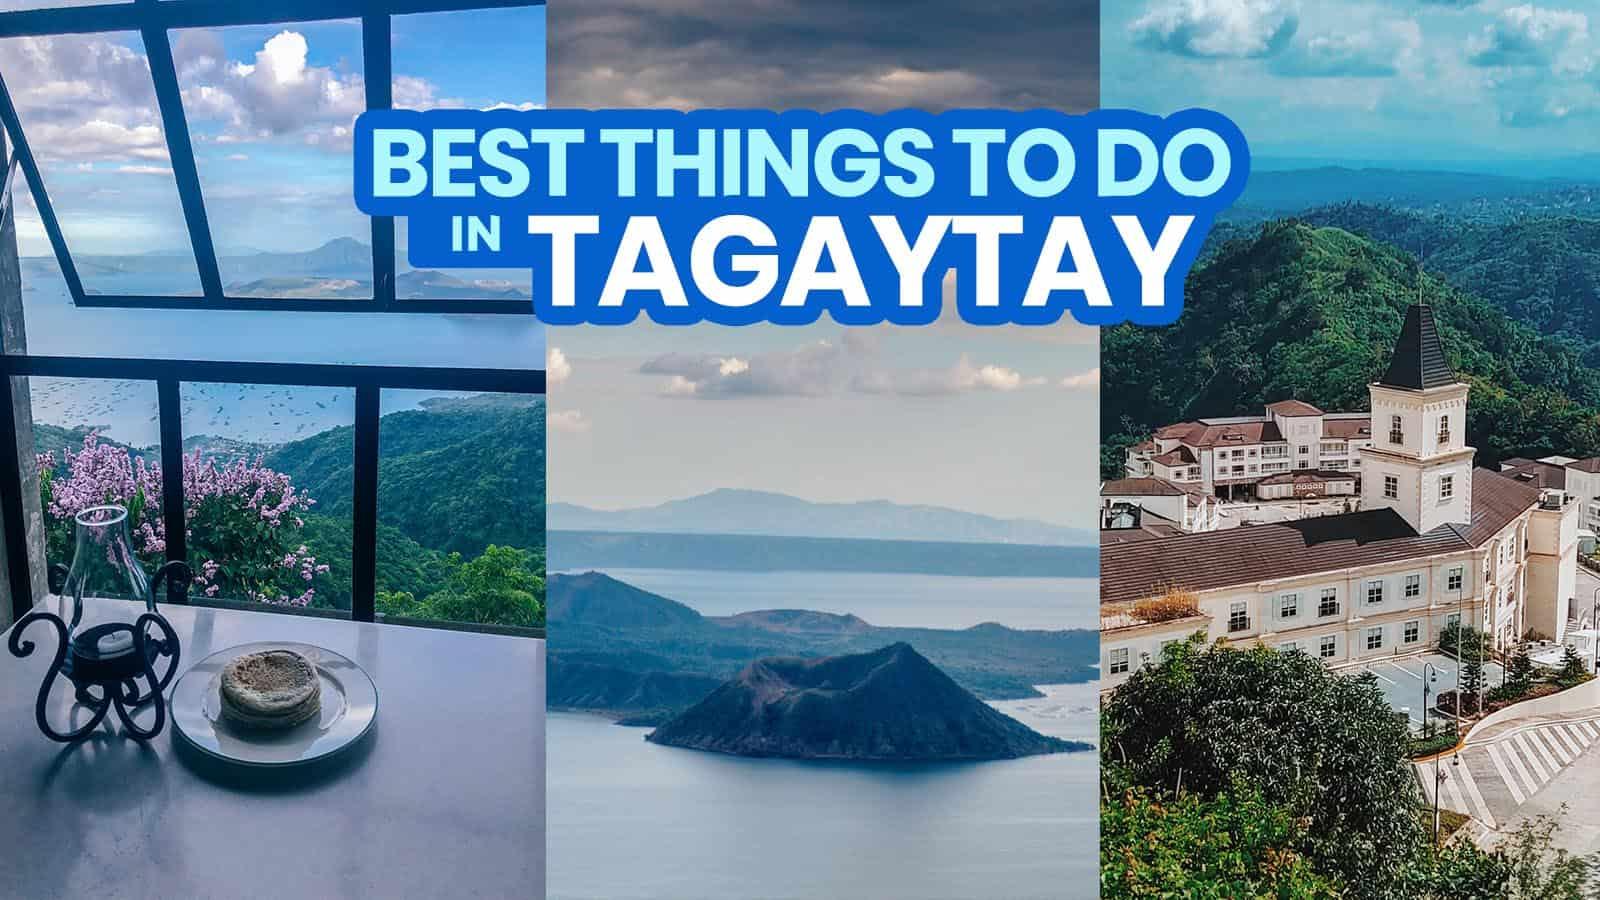 25个tagaytay旅游点和2021年要做的事情